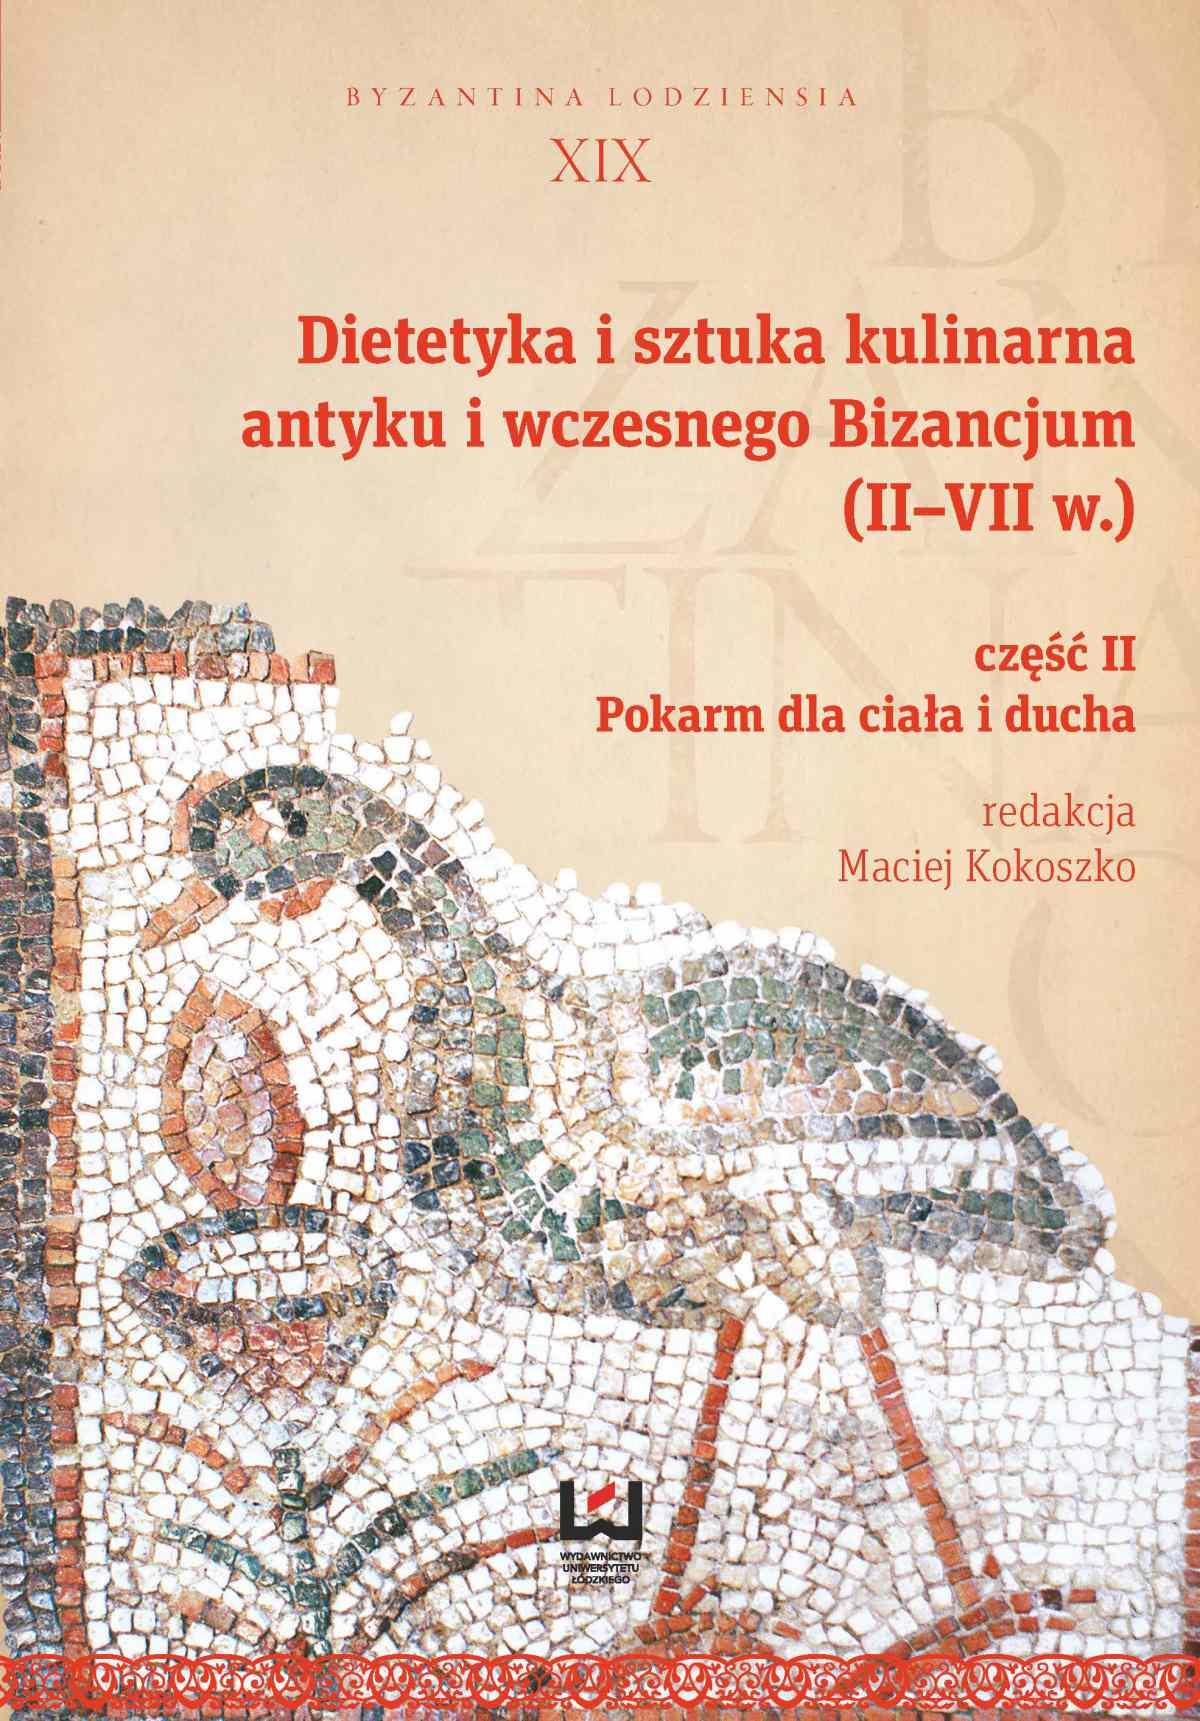 Dietetyka i sztuka kulinarna antyku i wczesnego Bizancjum (II–VII w.). Część 2. Pokarm dla ciała i ducha - Ebook (Książka PDF) do pobrania w formacie PDF